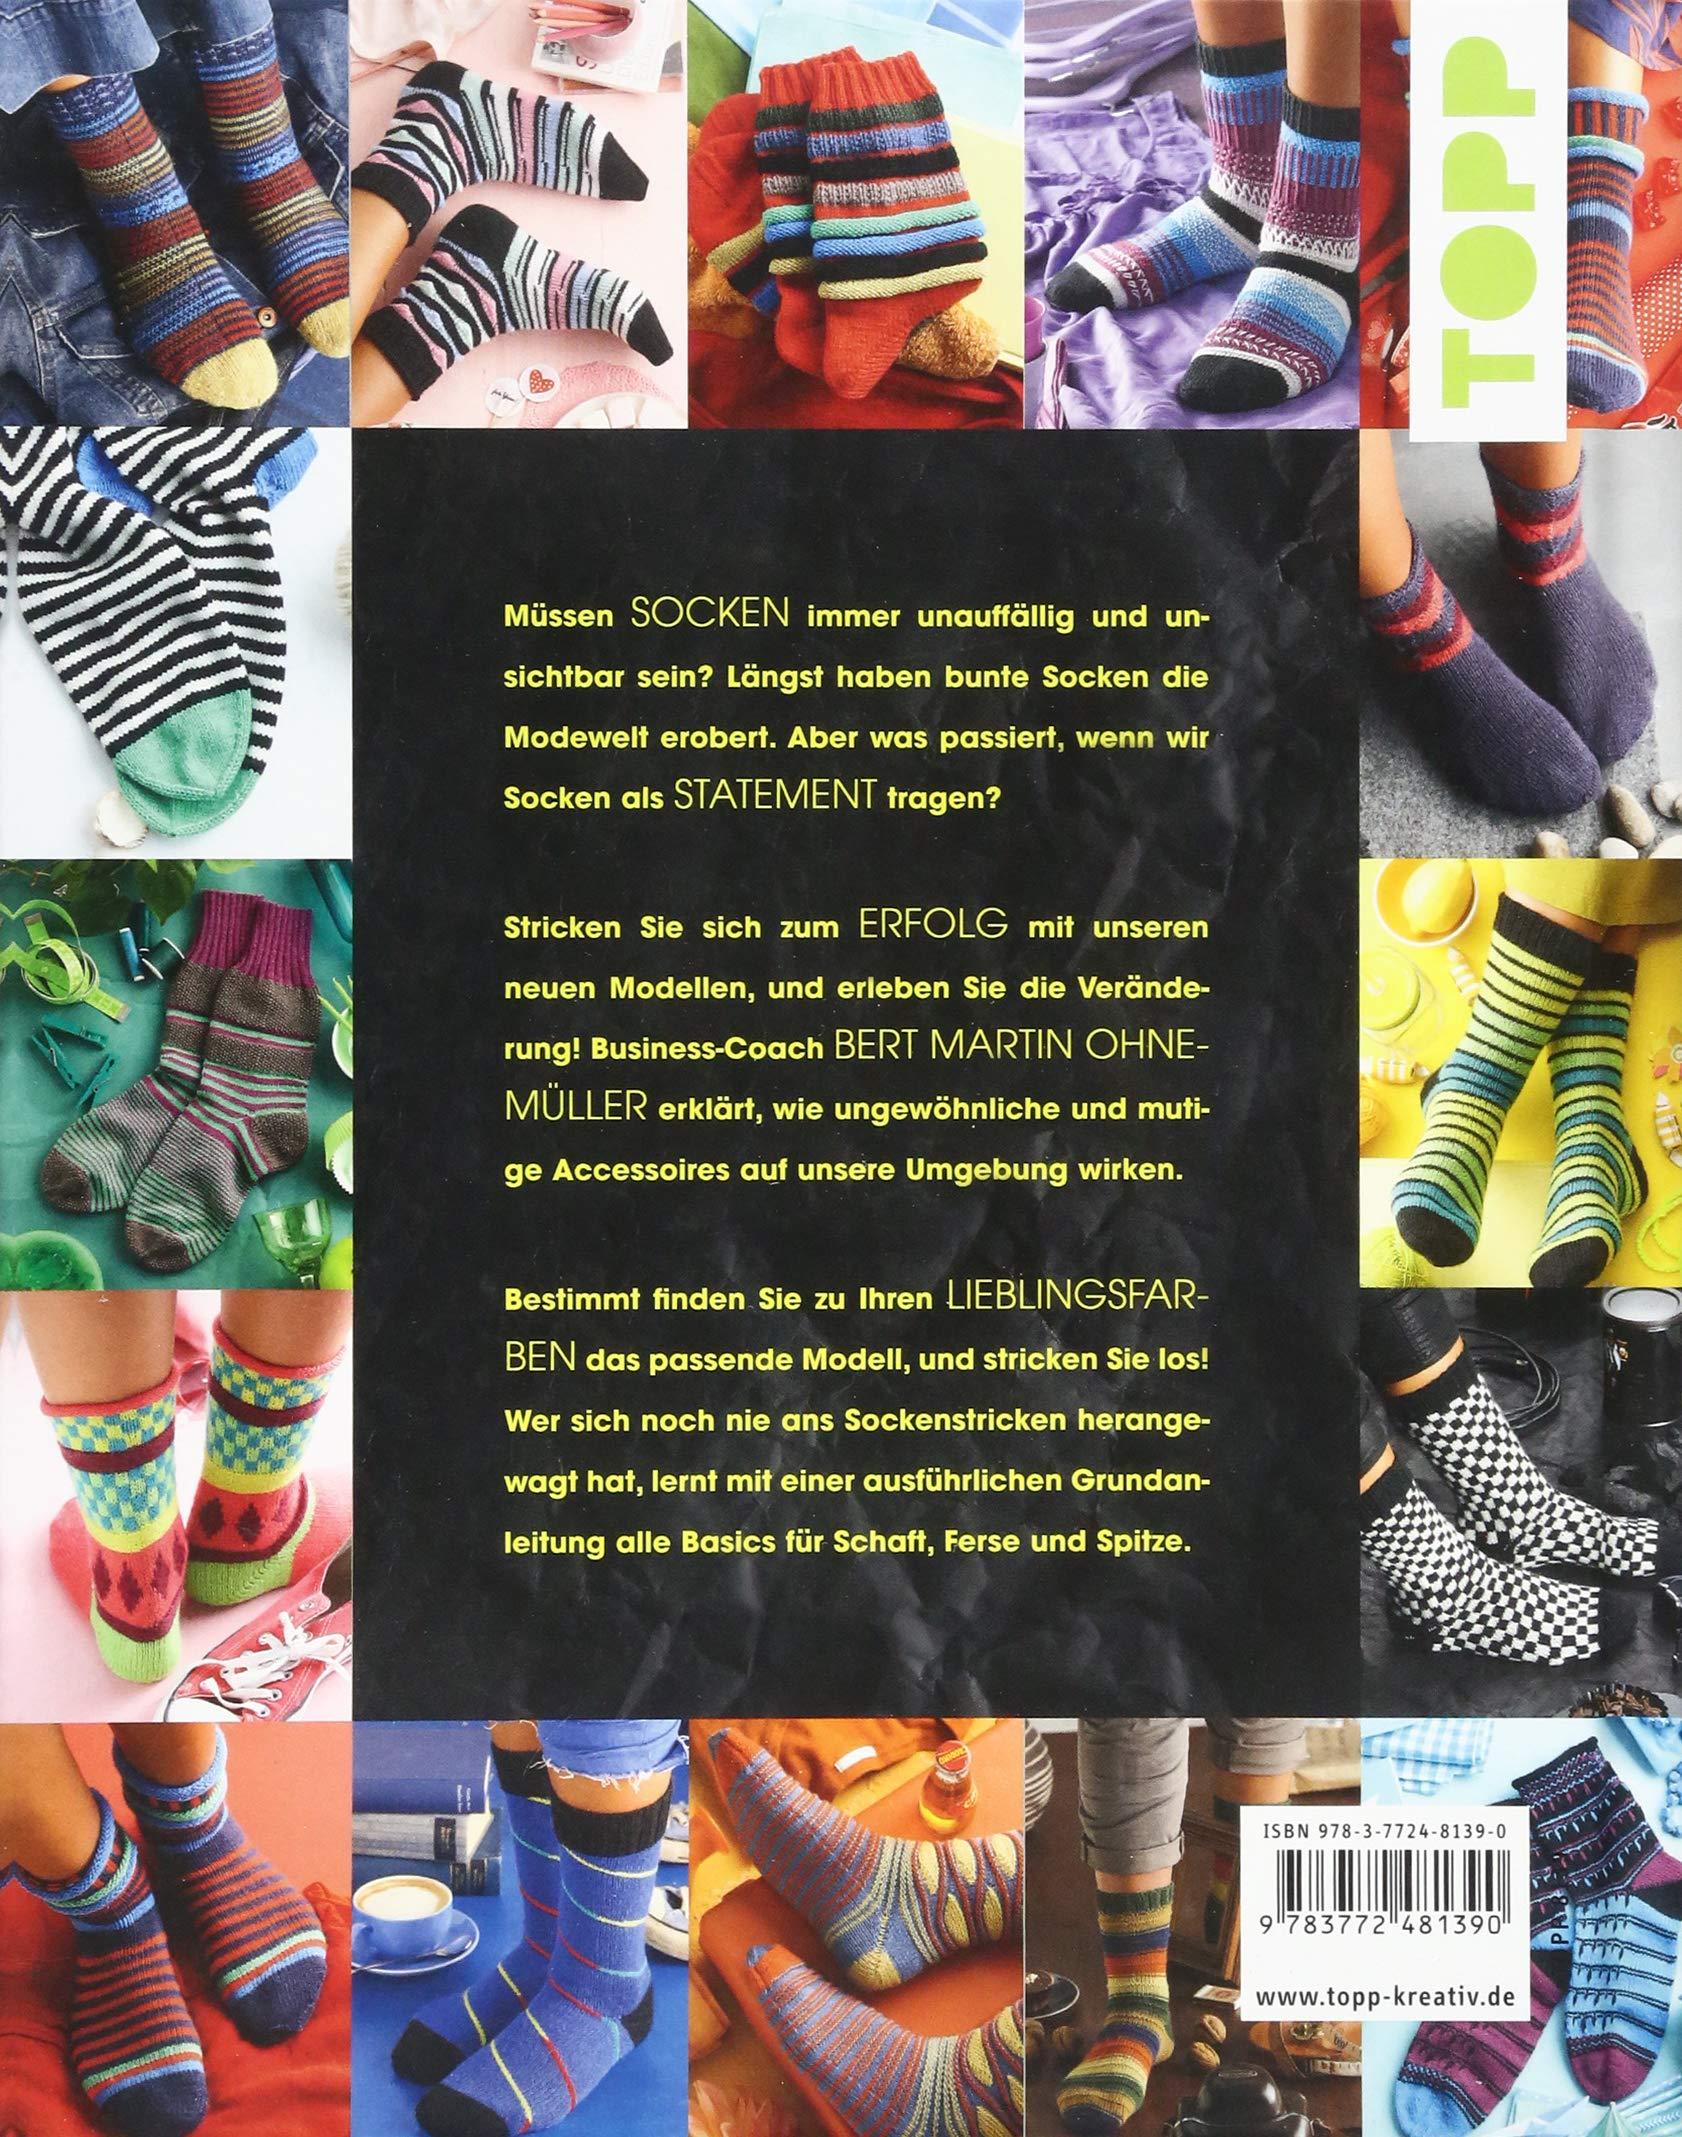 Statement Socken stricken: Mit Farben zum Erfolg. Business